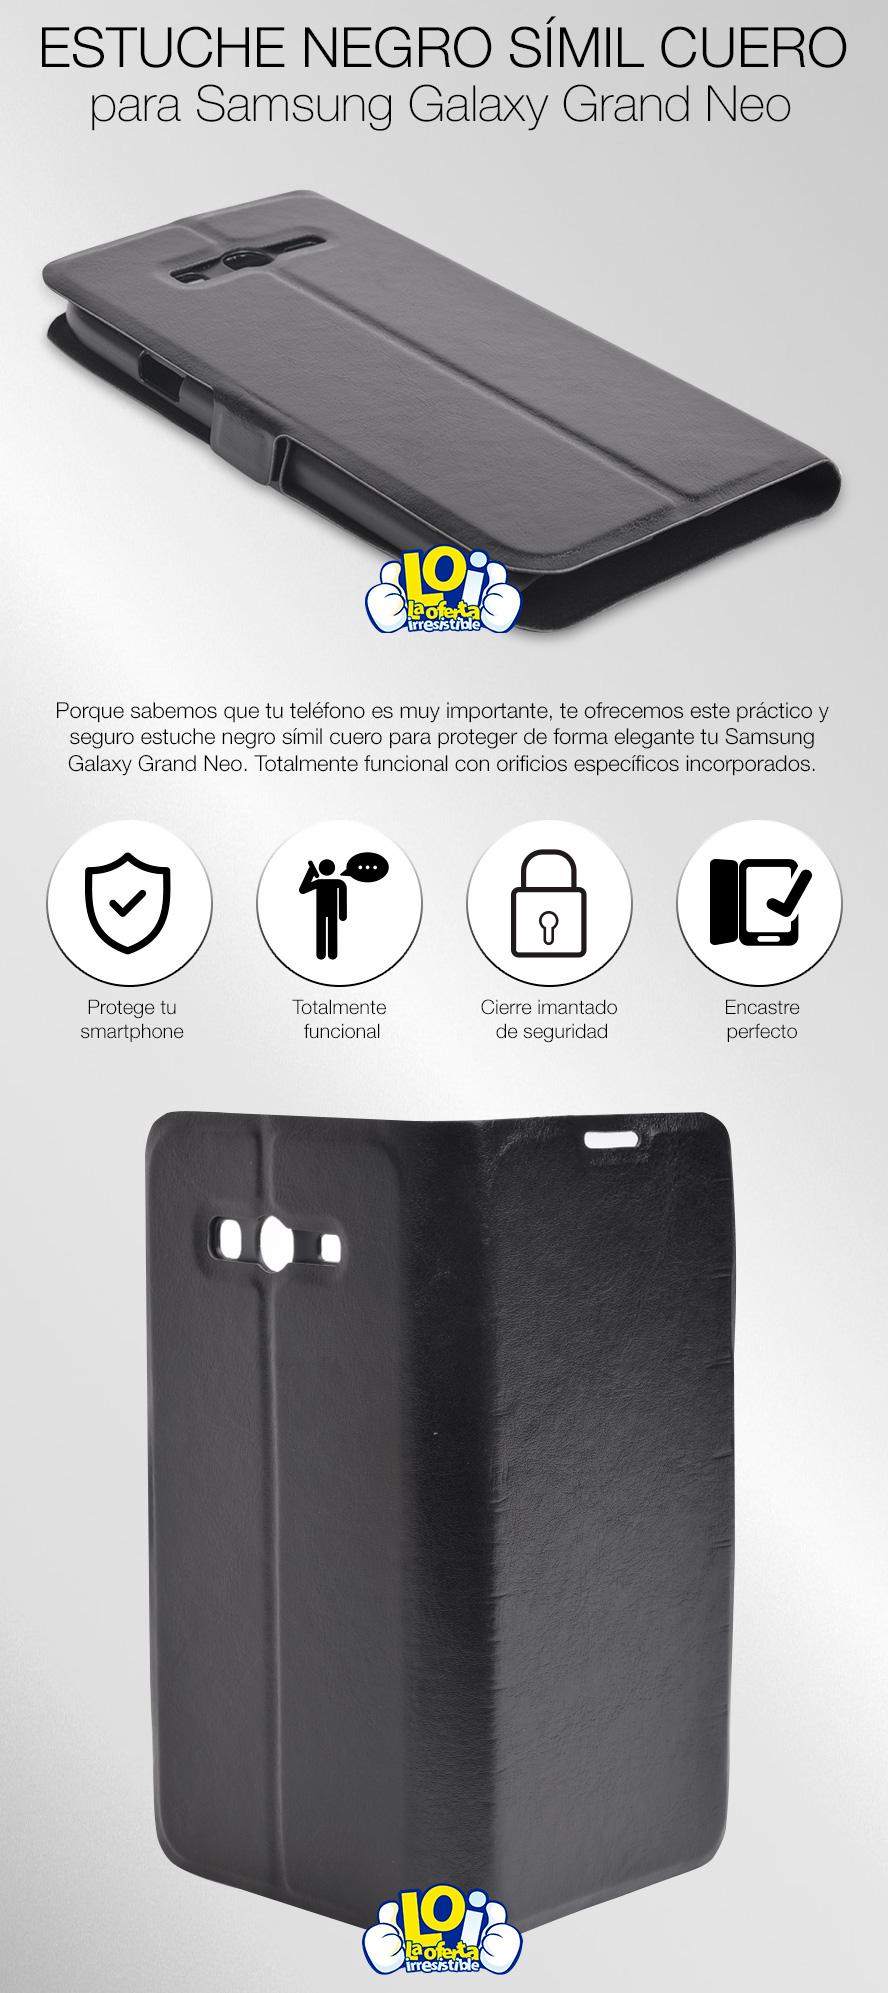 04d34e4365f Estuche Símil Cuero para Samsung Galaxy Grand Neo, oferta LOi.